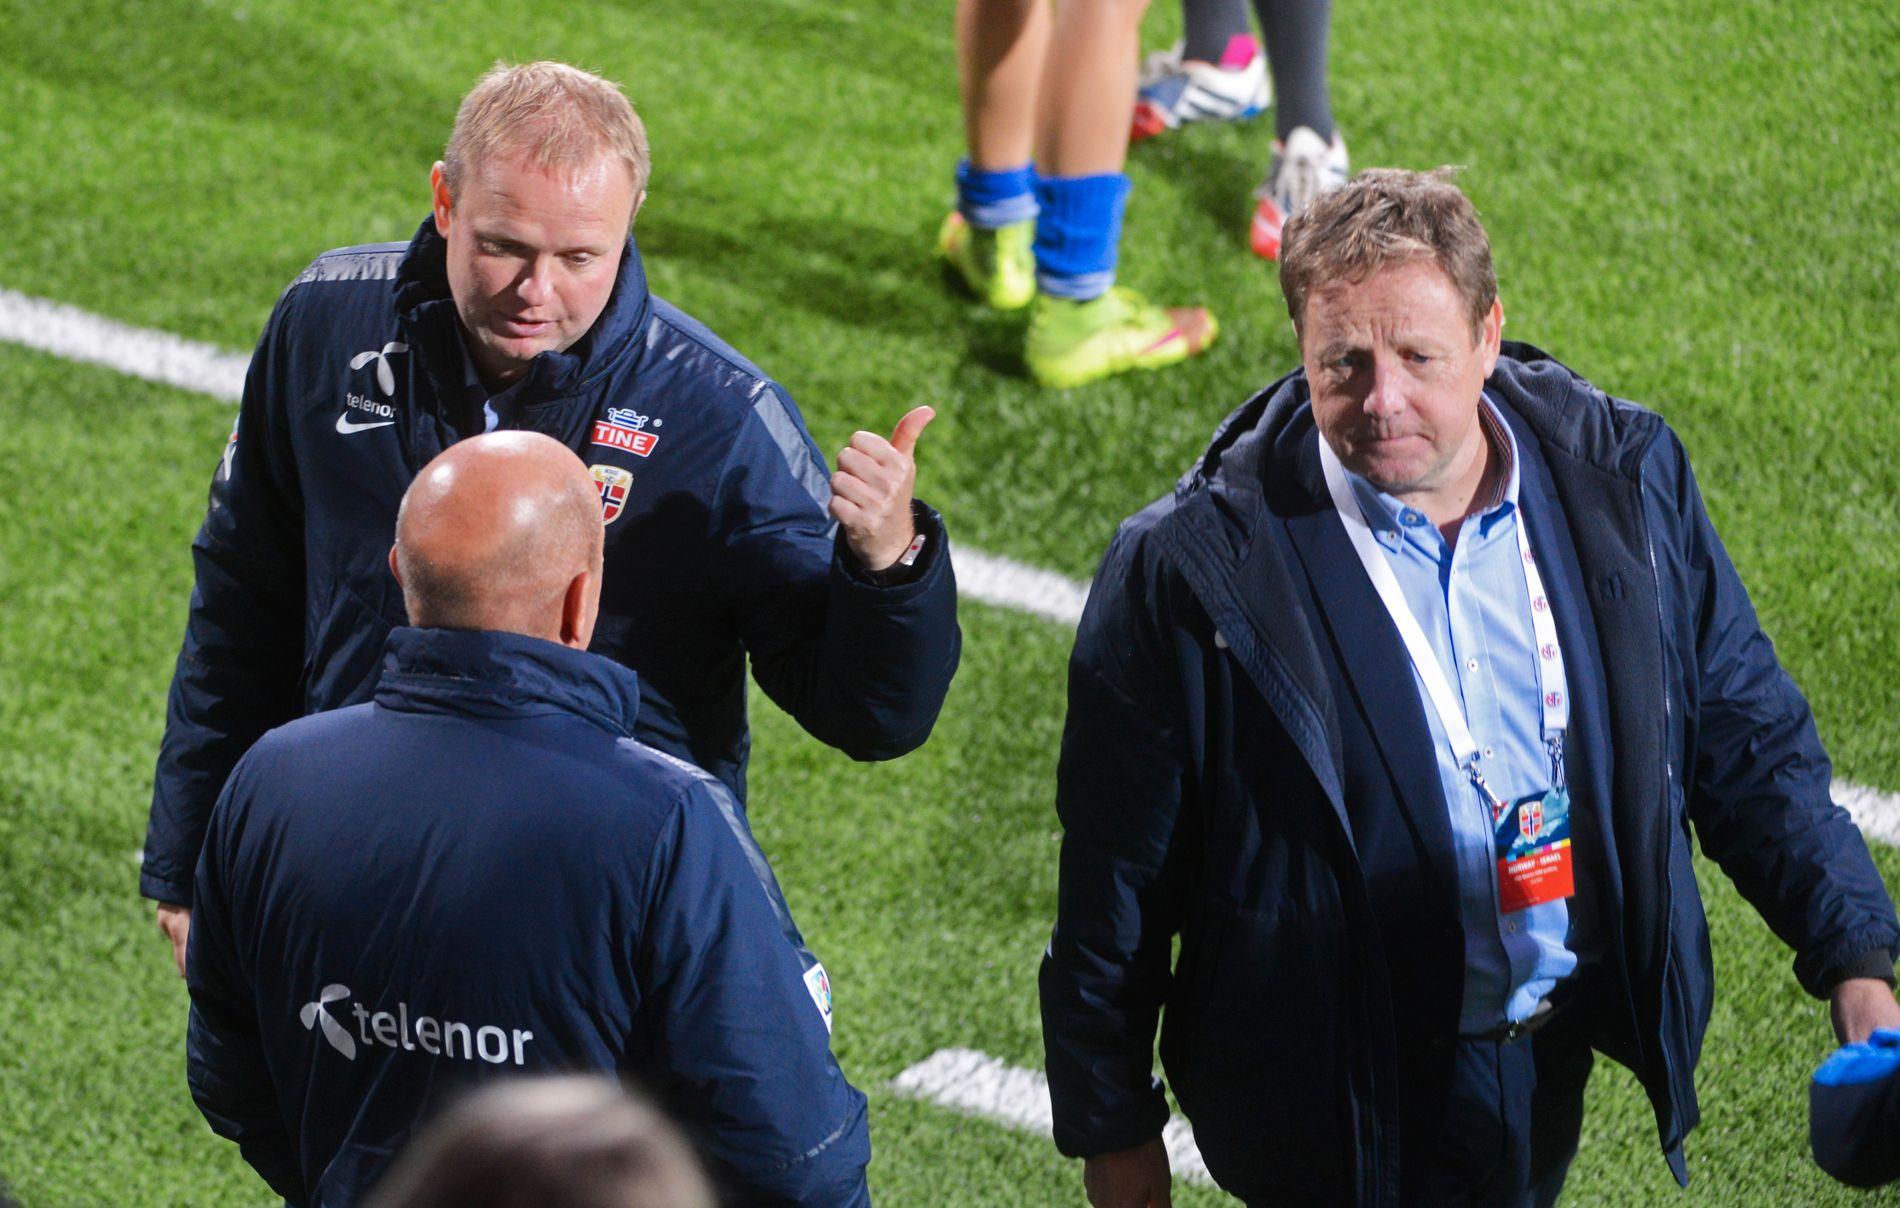 SISTE DAG PÅ JOBB: Landslagssjef Roger Finjord tar en prat med toppfotballsjef Nils Johan Semb og visepresident i NFF, Bjarne Berntsen (t.h.) etter 5-0-seieren mot Israel på mandag. Dagen etter ble det kjent at Finjord trakk seg som landslagstrener.